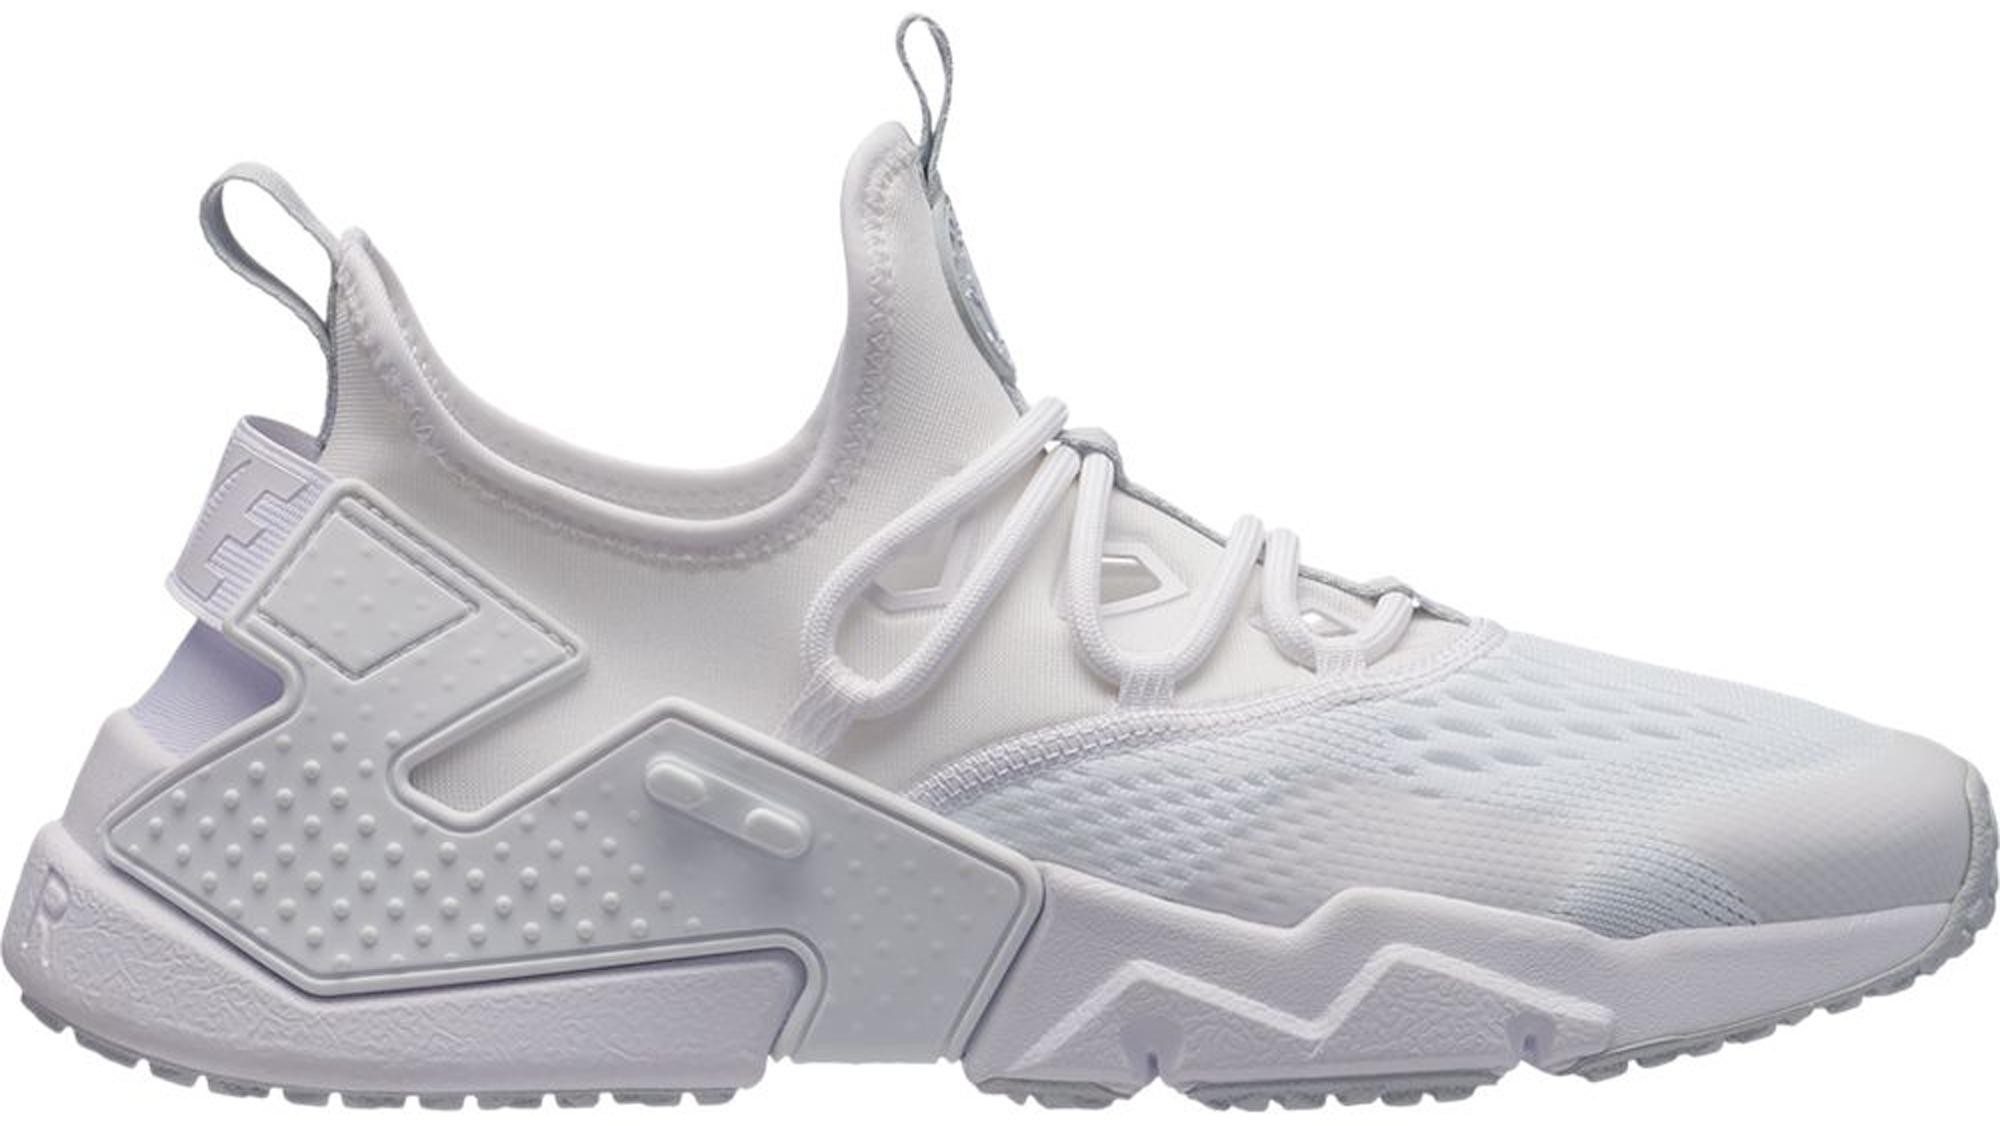 Nike Air Huarache Drift White Pure